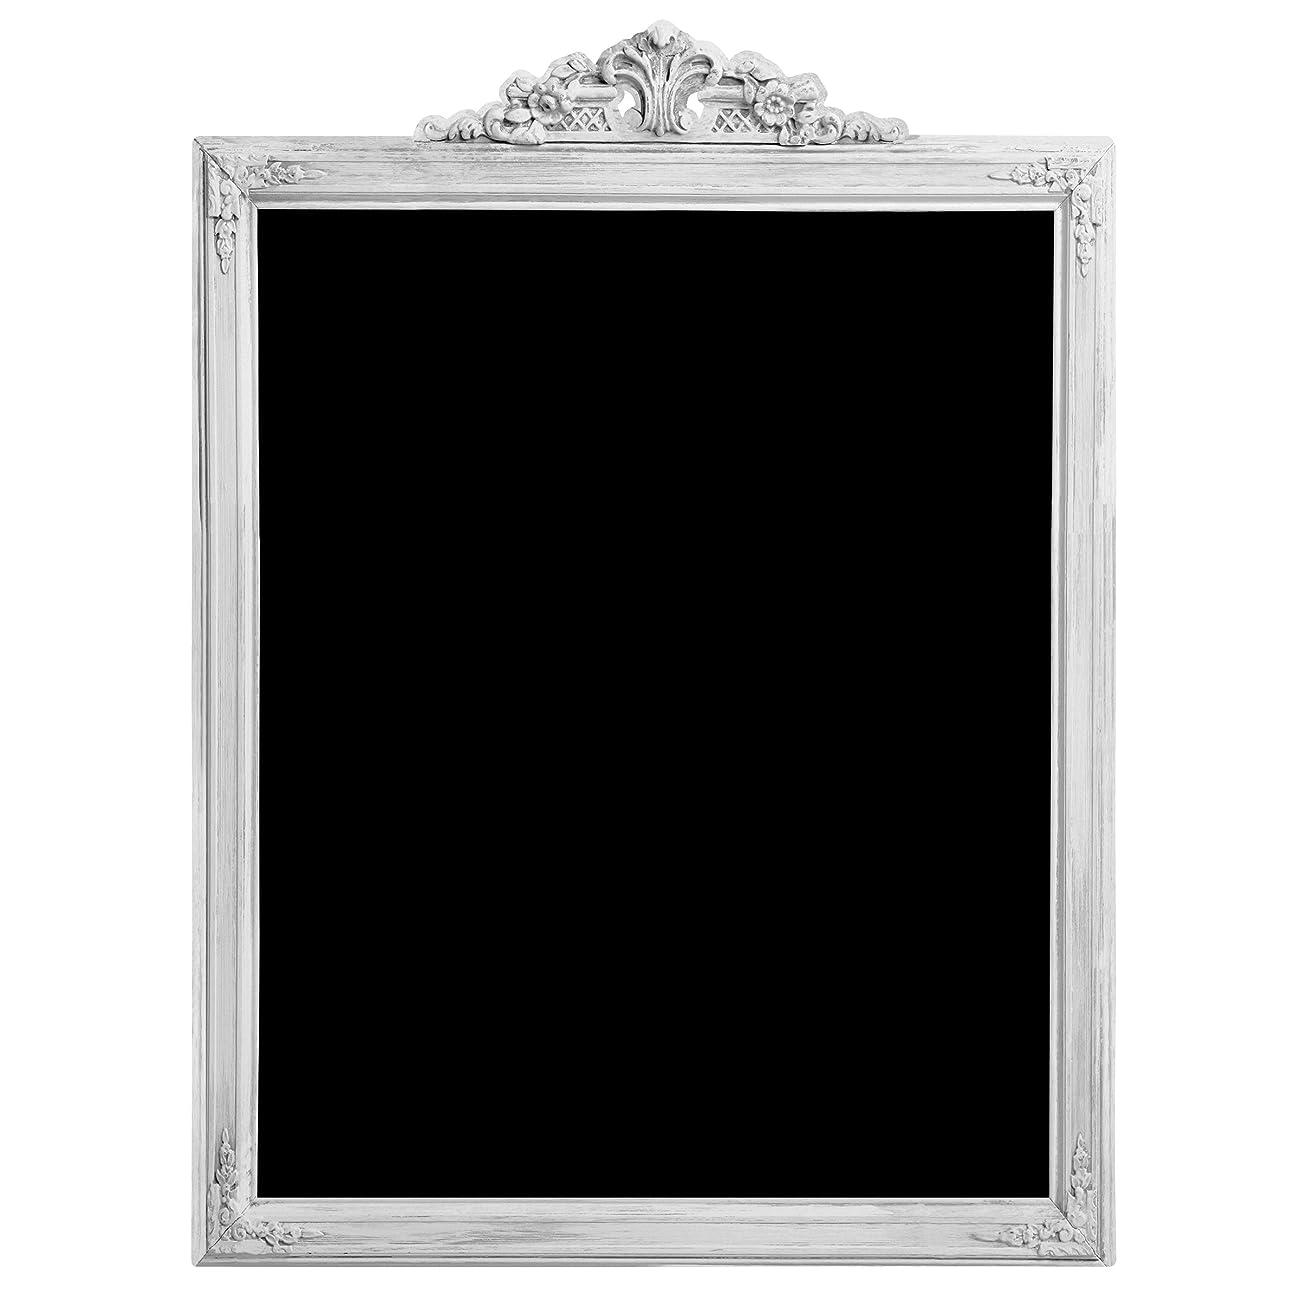 Wallies Wall Decals, Framed Chalkboard, 18-1/2-inch x 25-inch 0